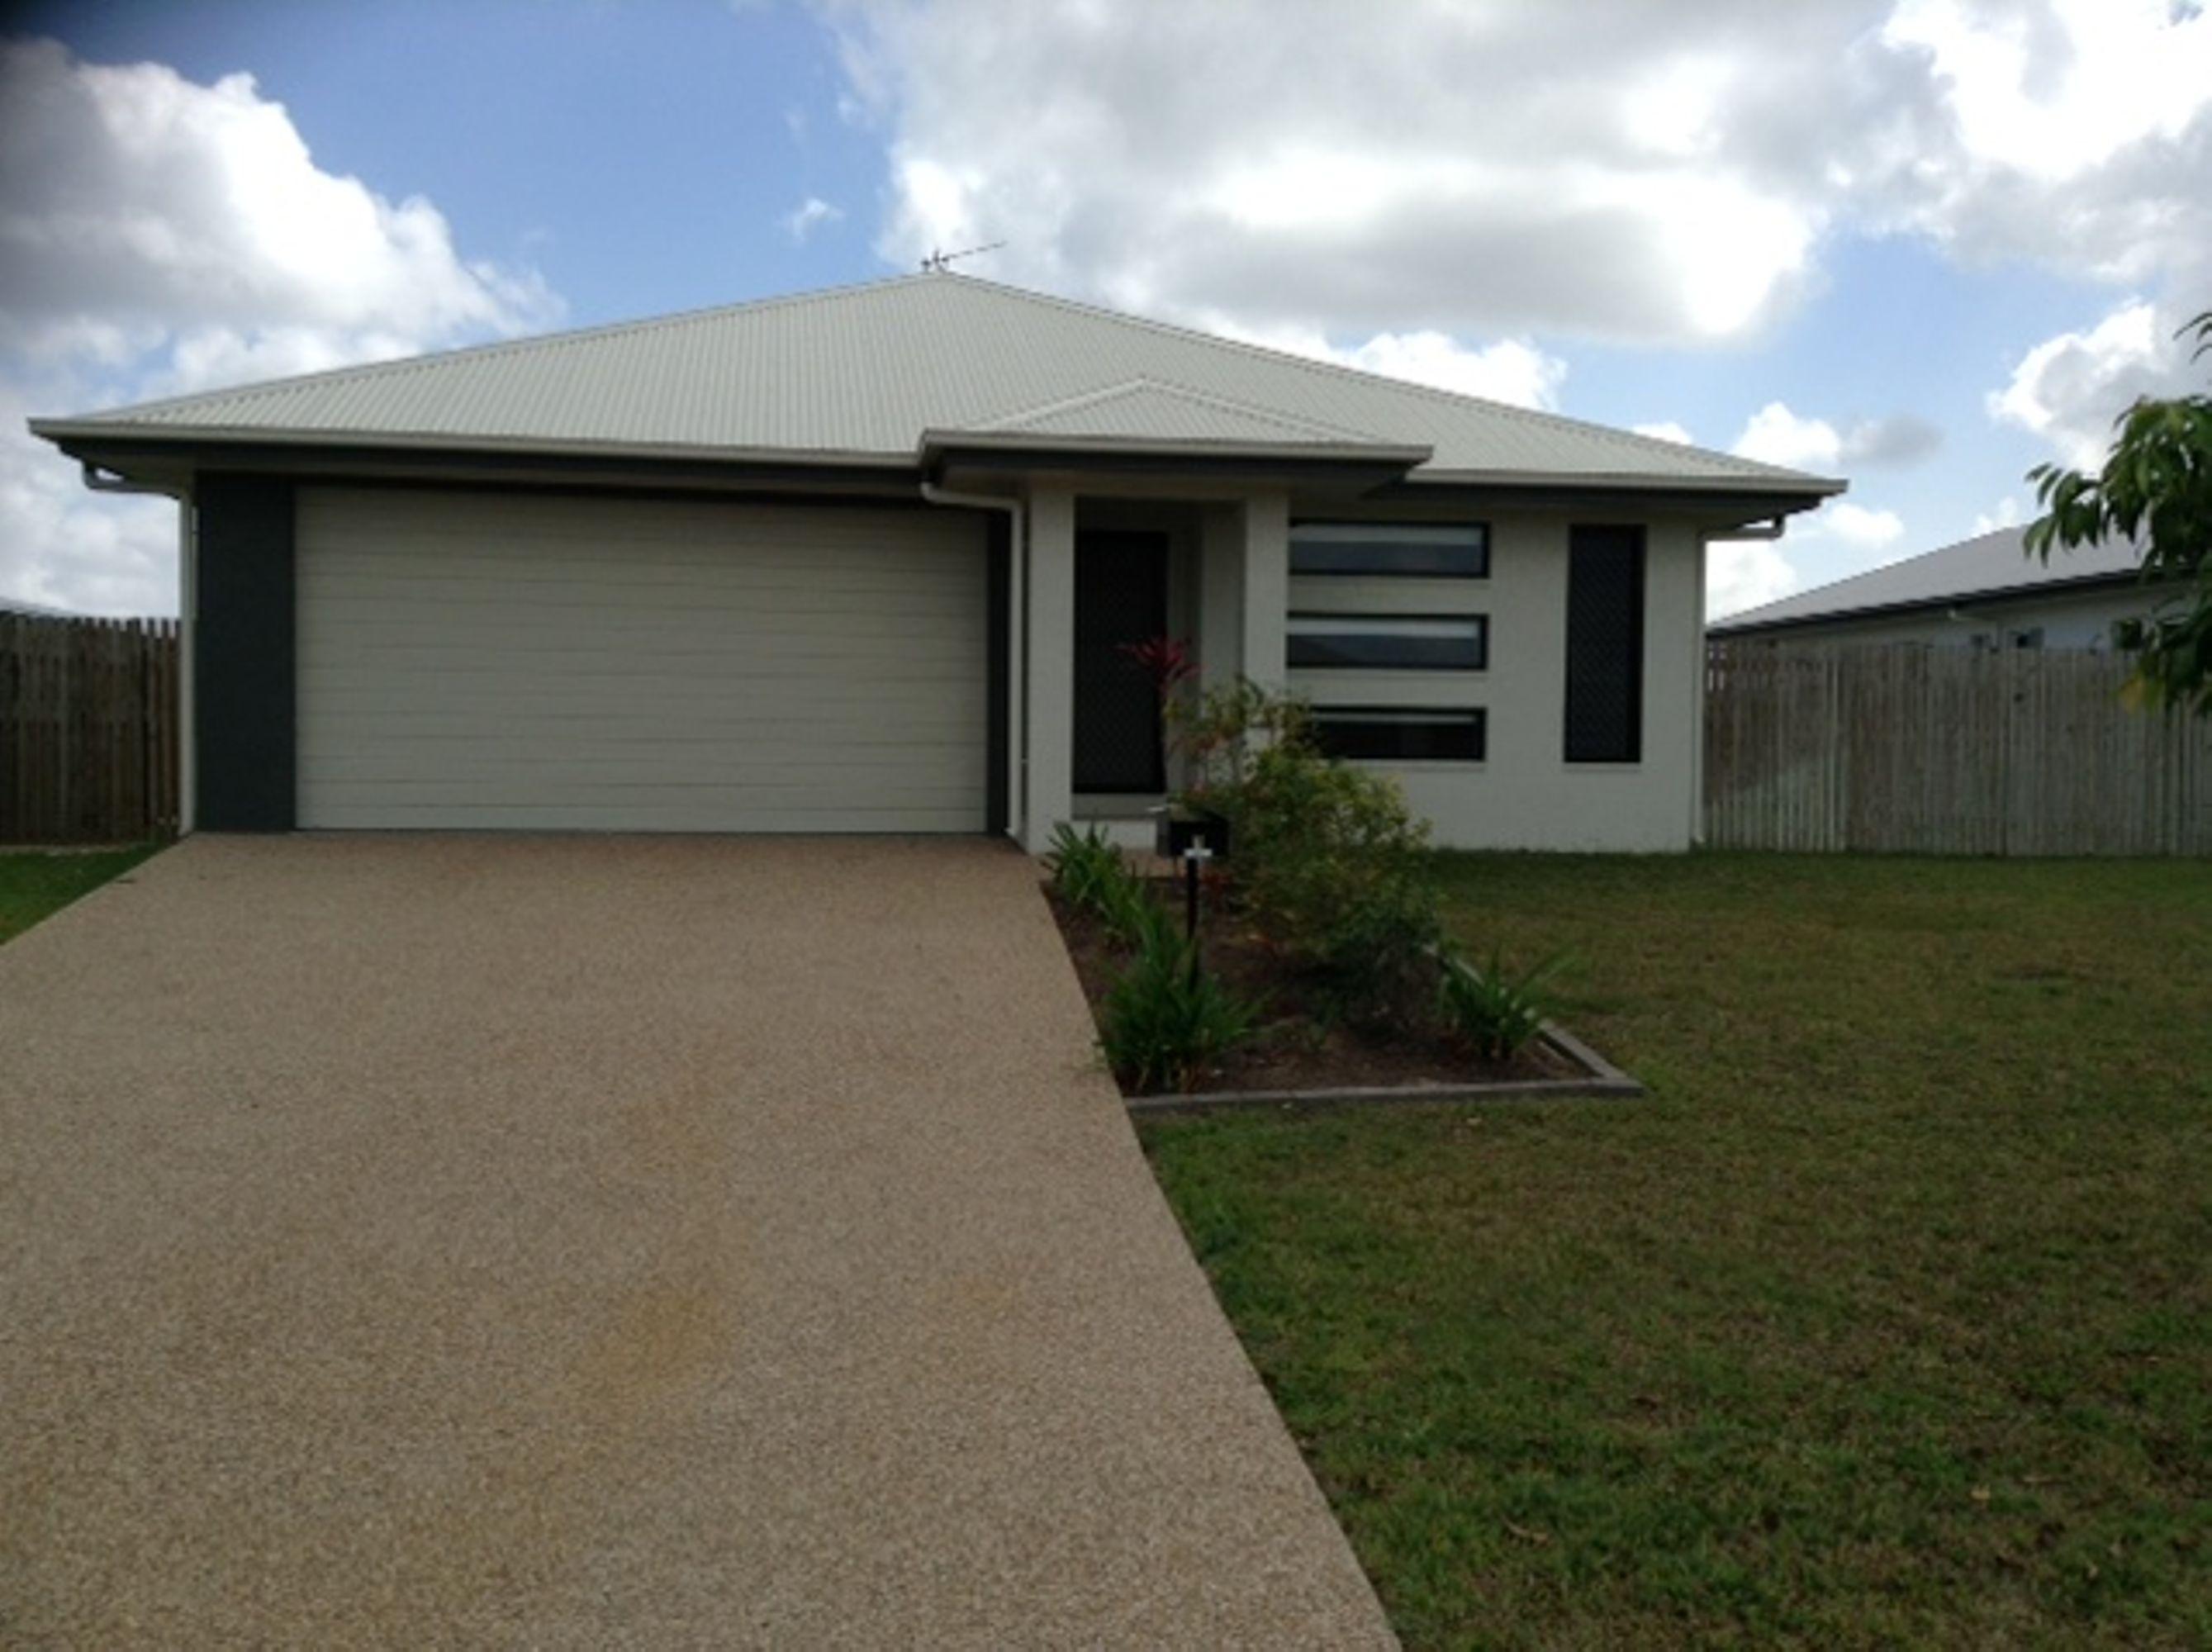 7 Gumnut Walk, Bohle Plains, QLD 4817